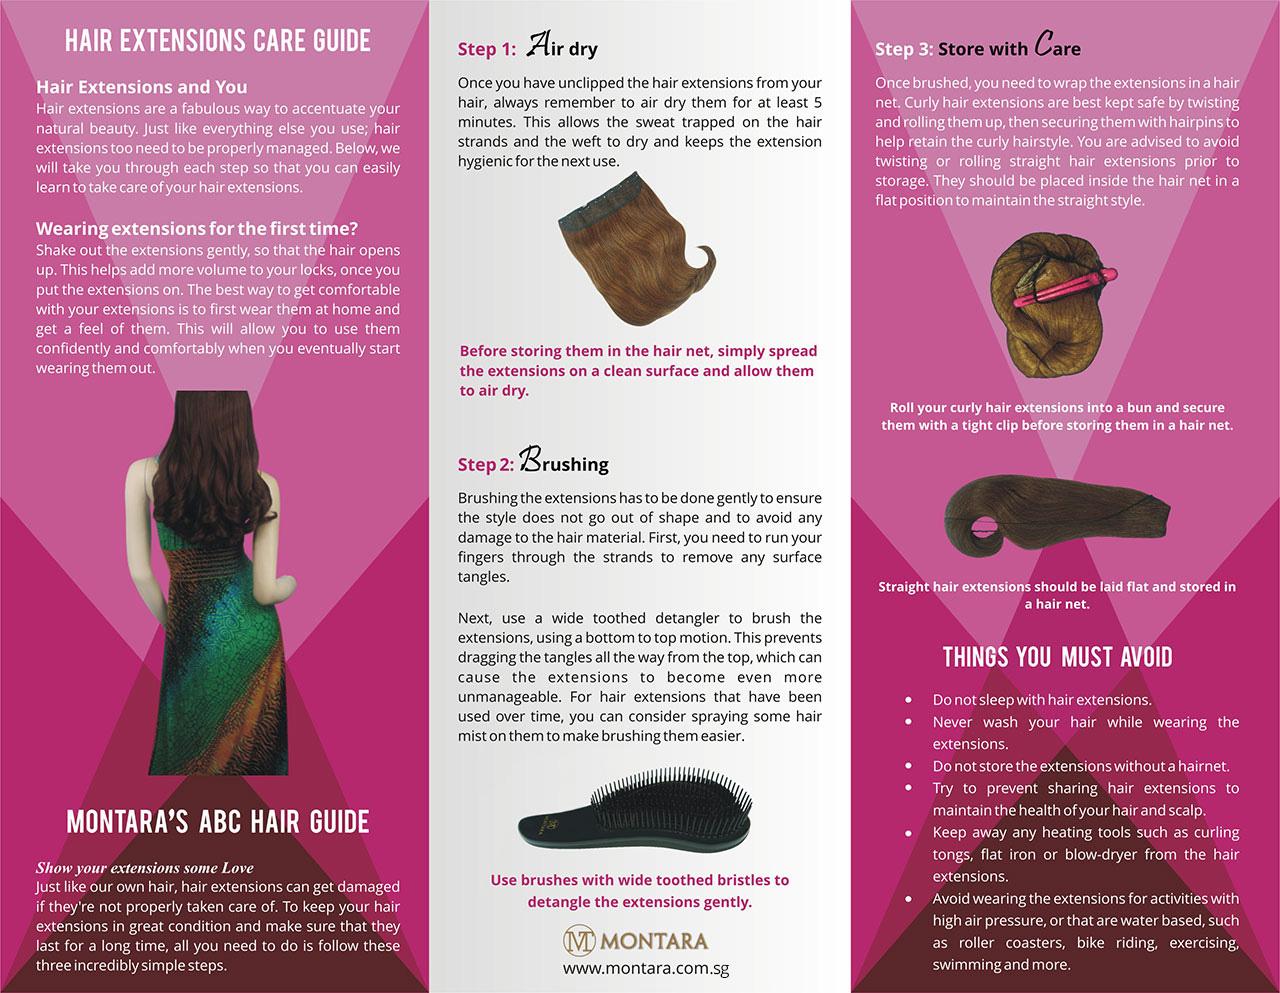 Montara Hair Resources